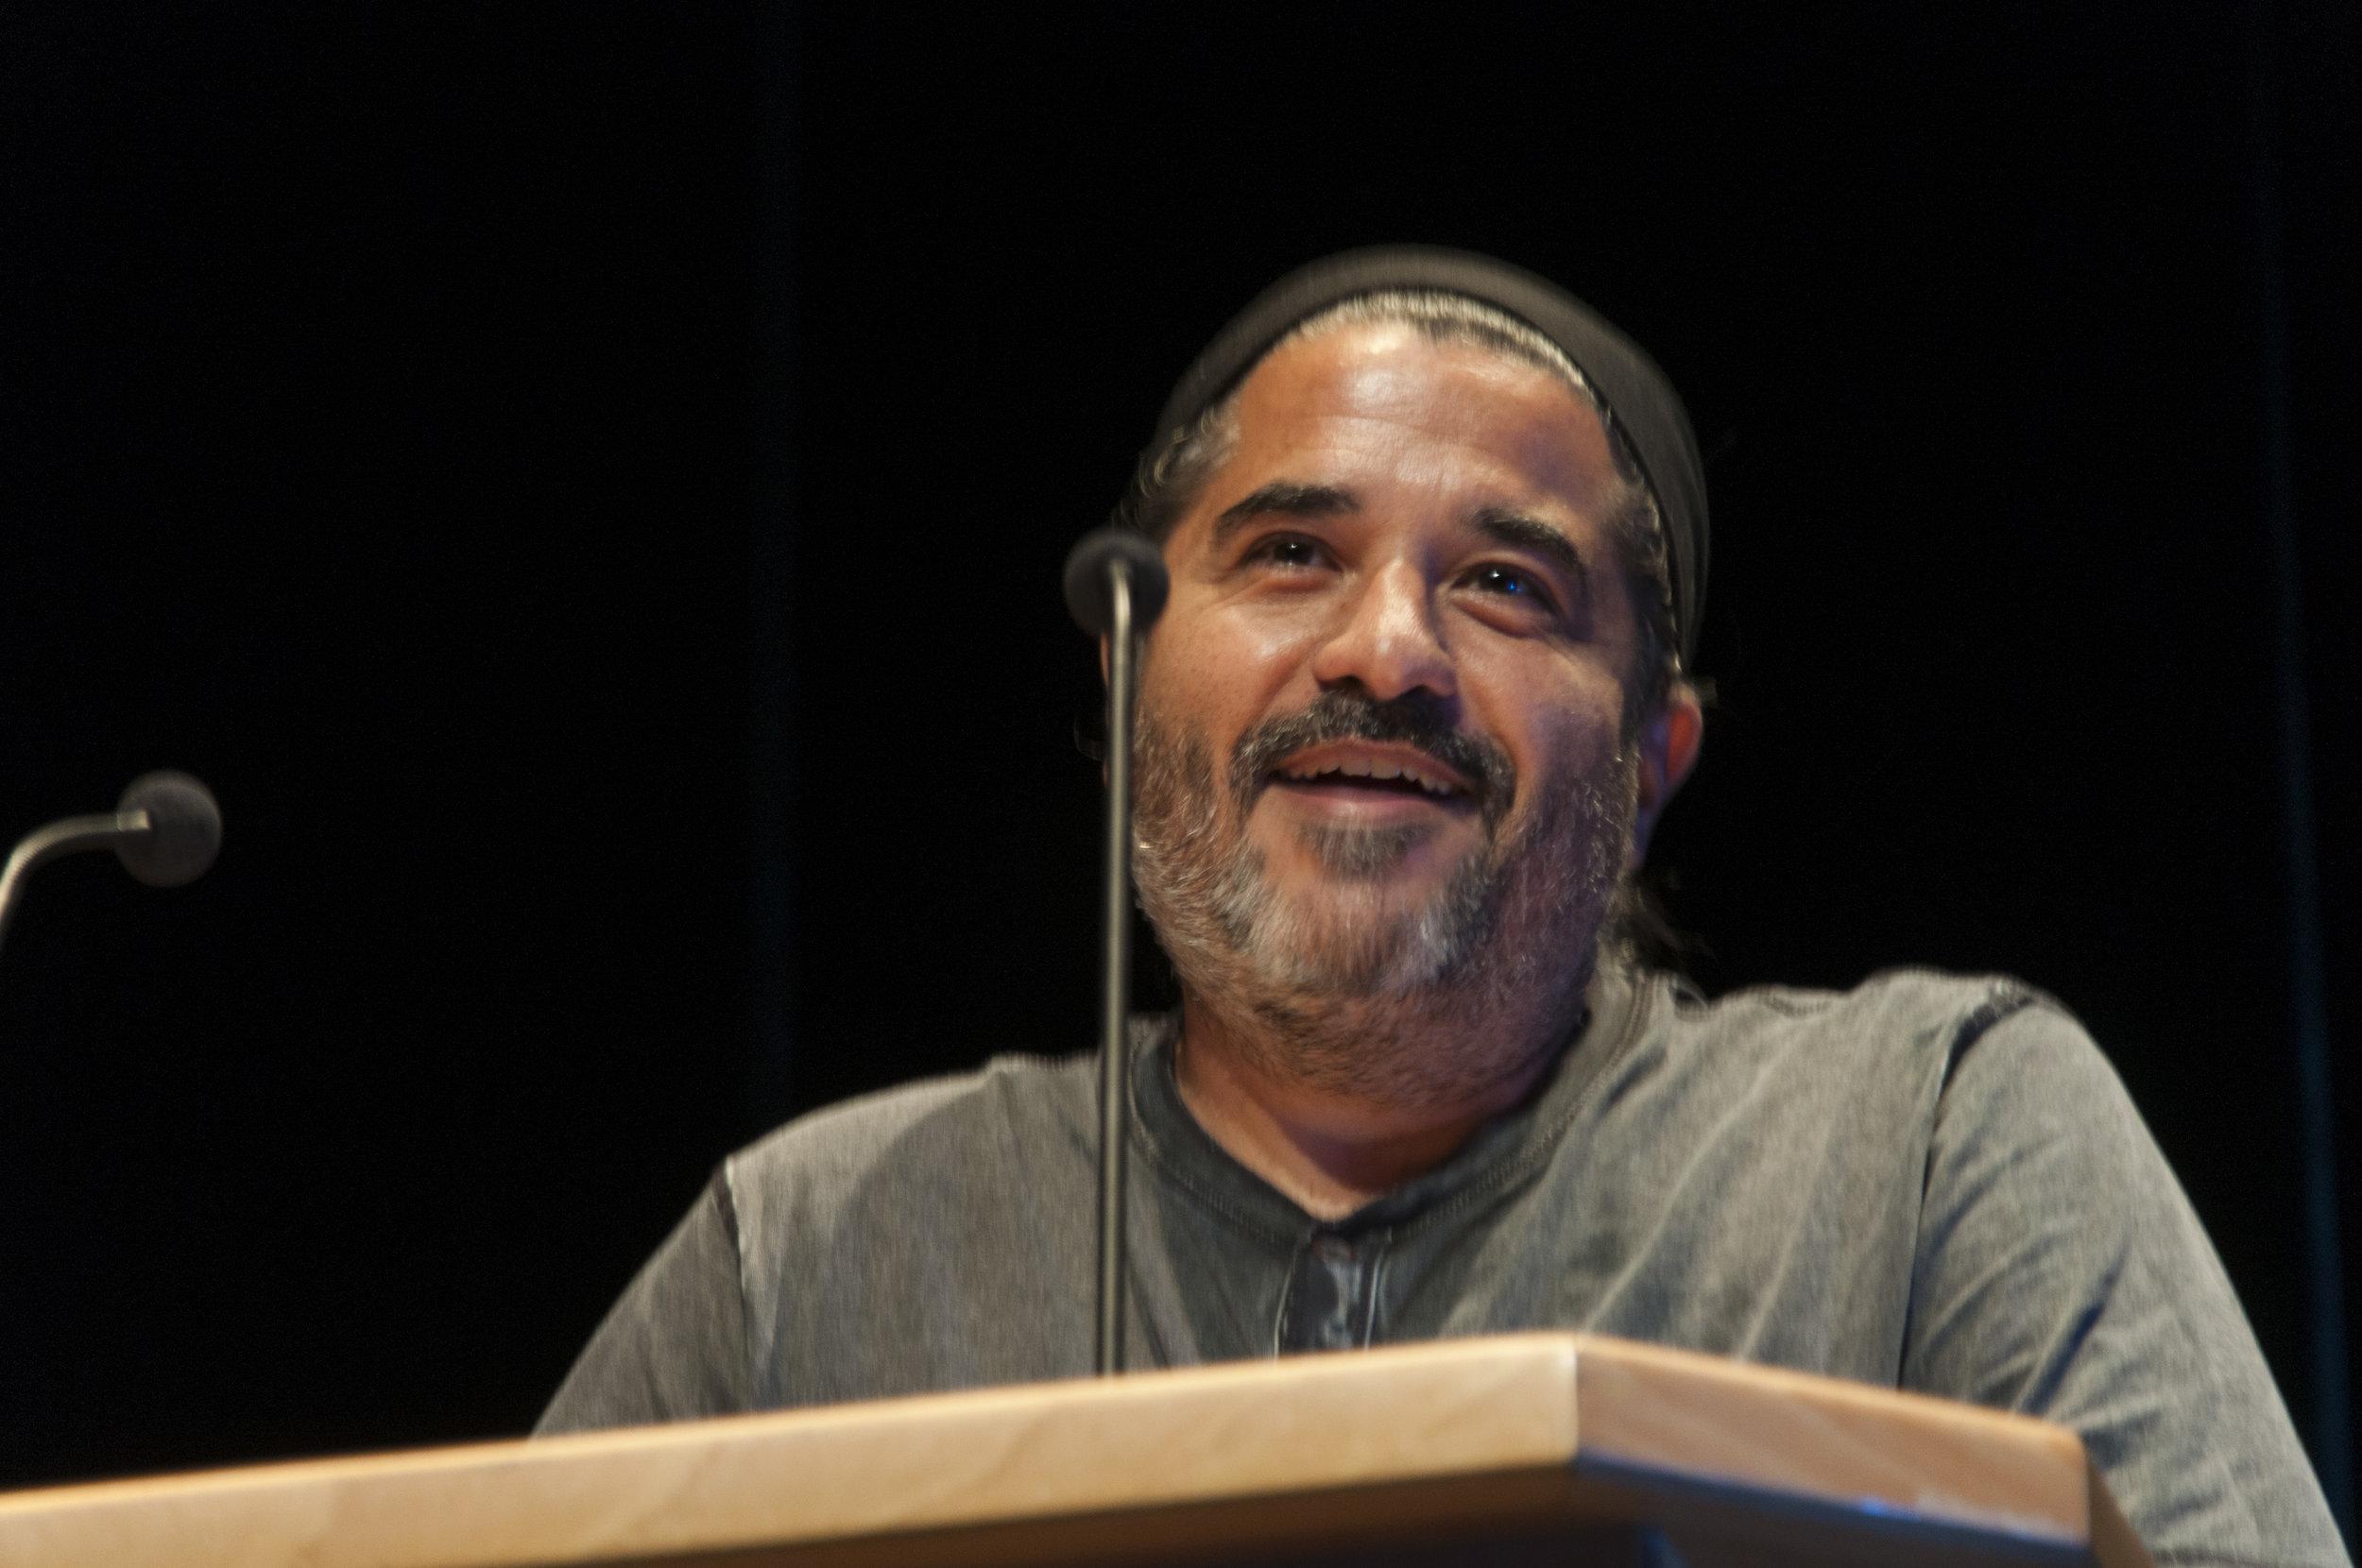 Manolo Dauta Rijo, tras recibir el 2º premio de Visionaria 2019 por 'Hormigonera'